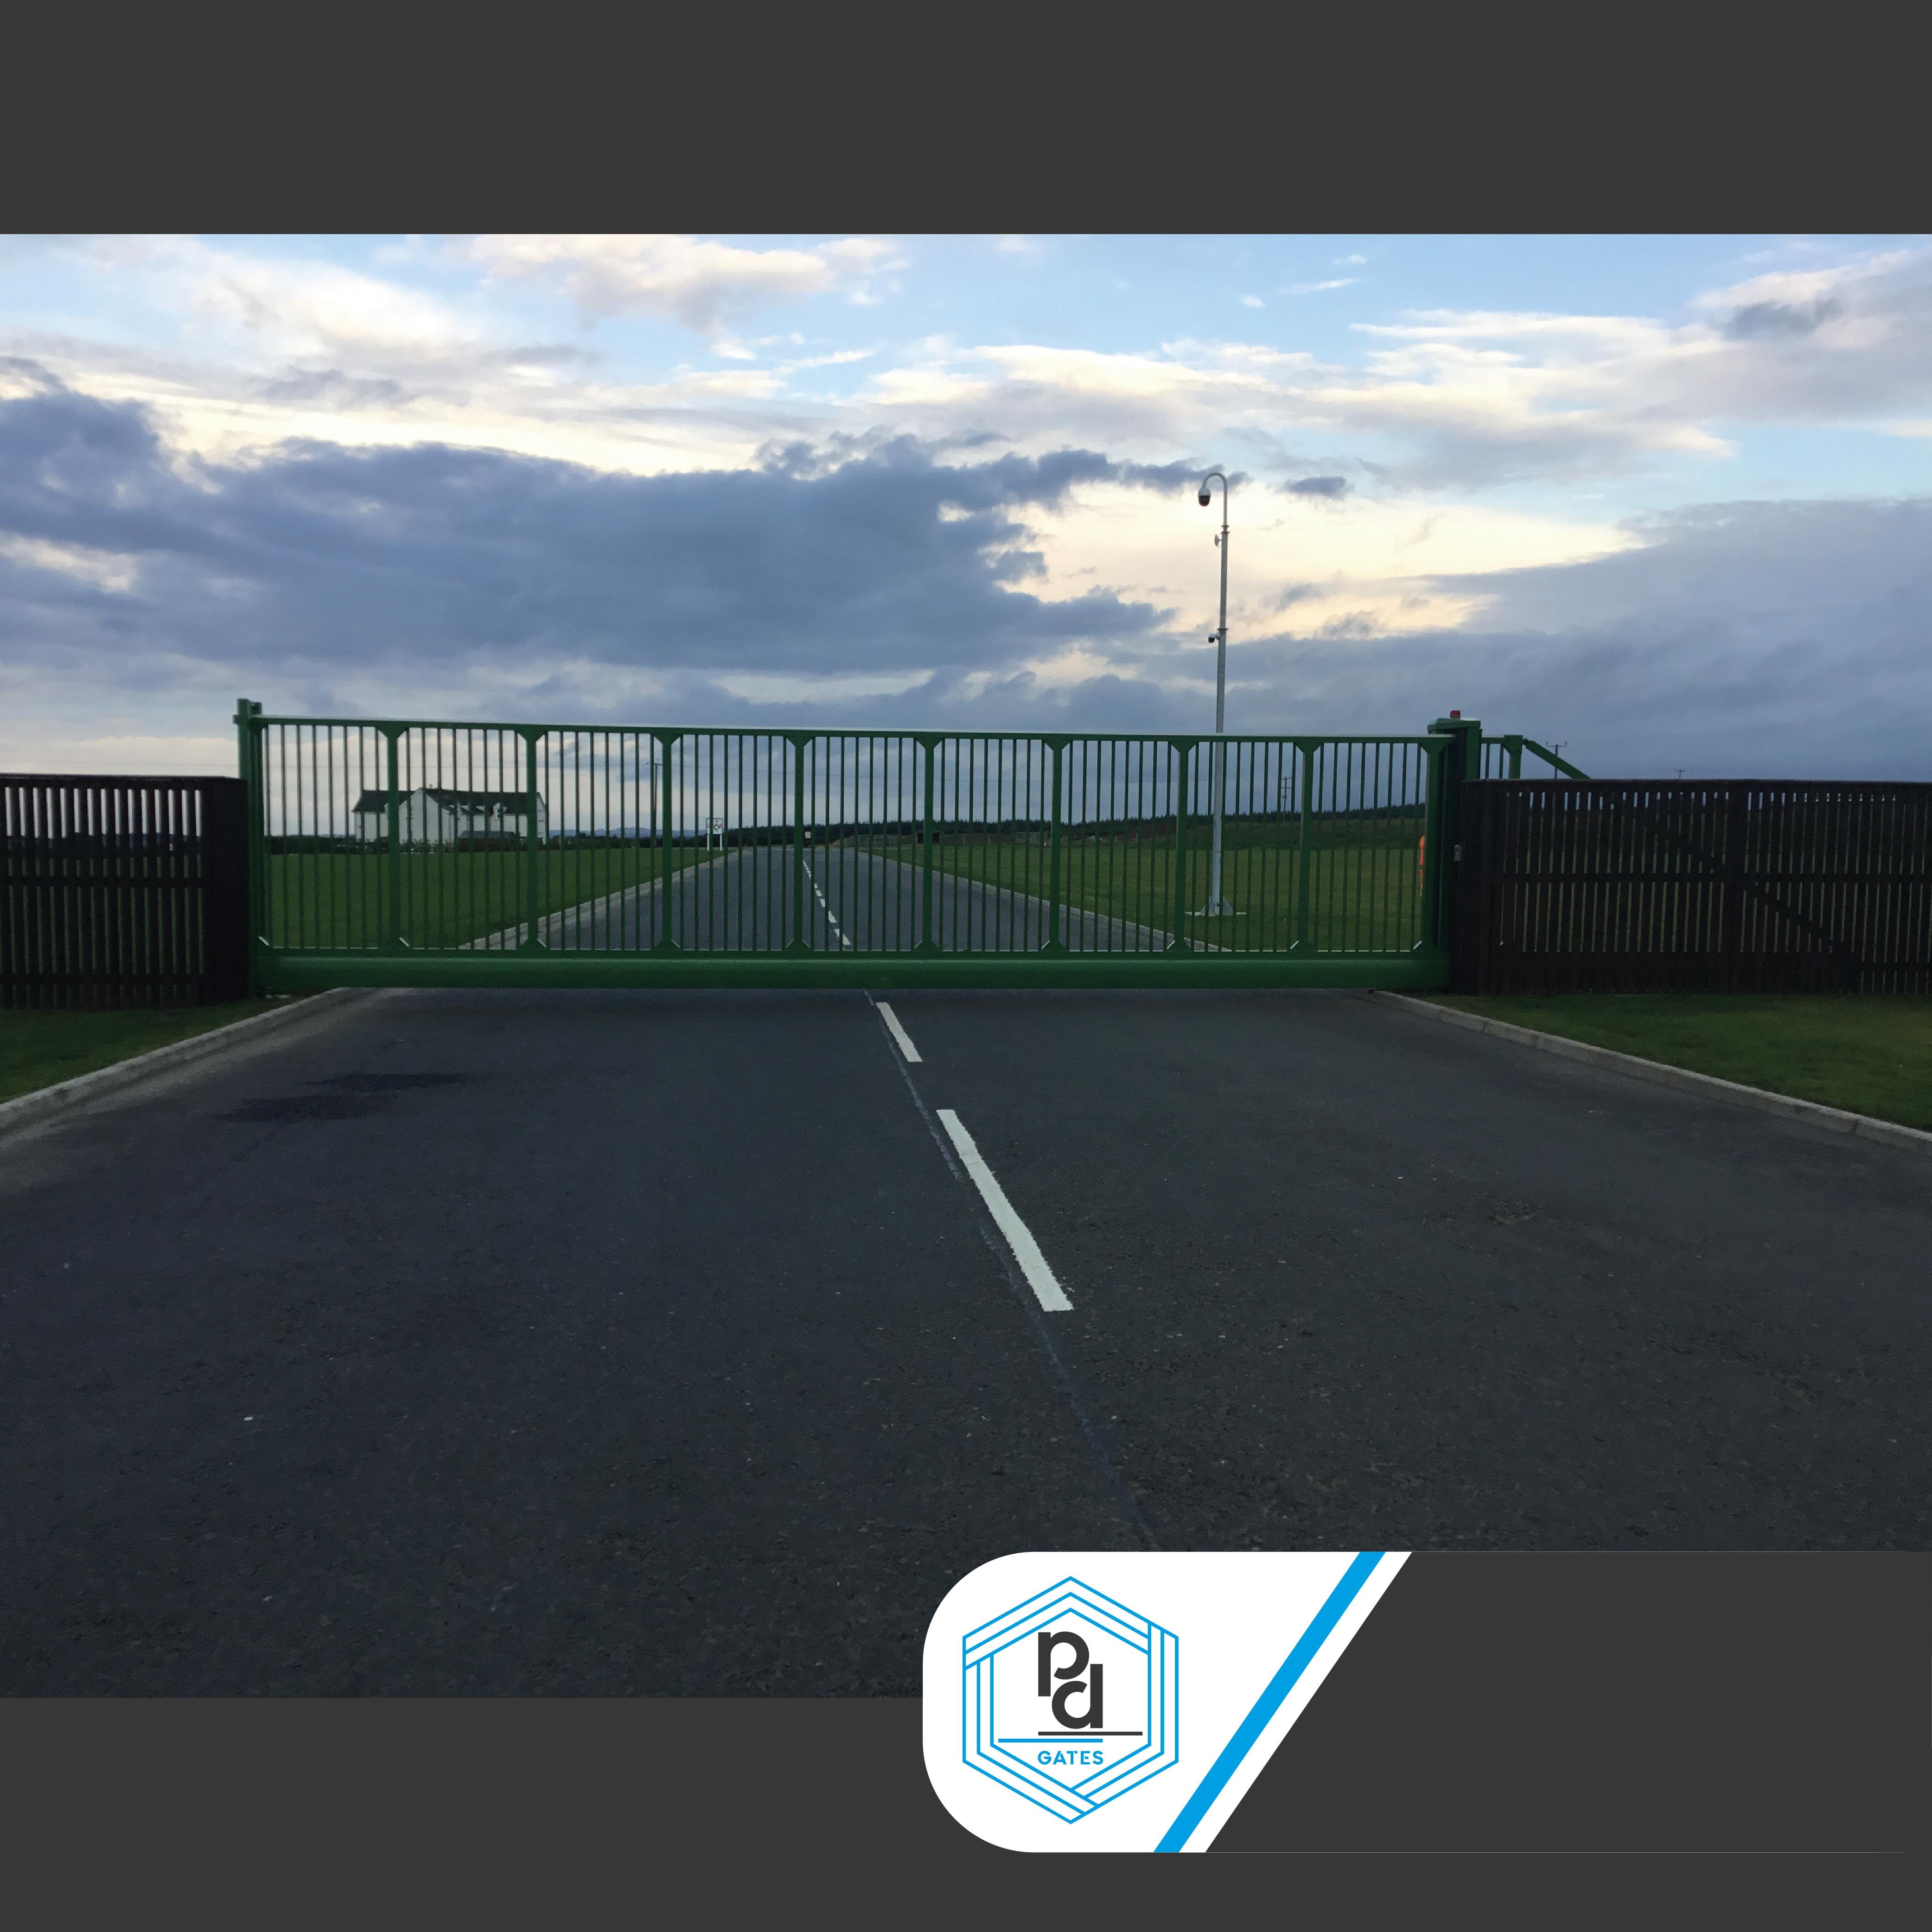 pd_gates-03